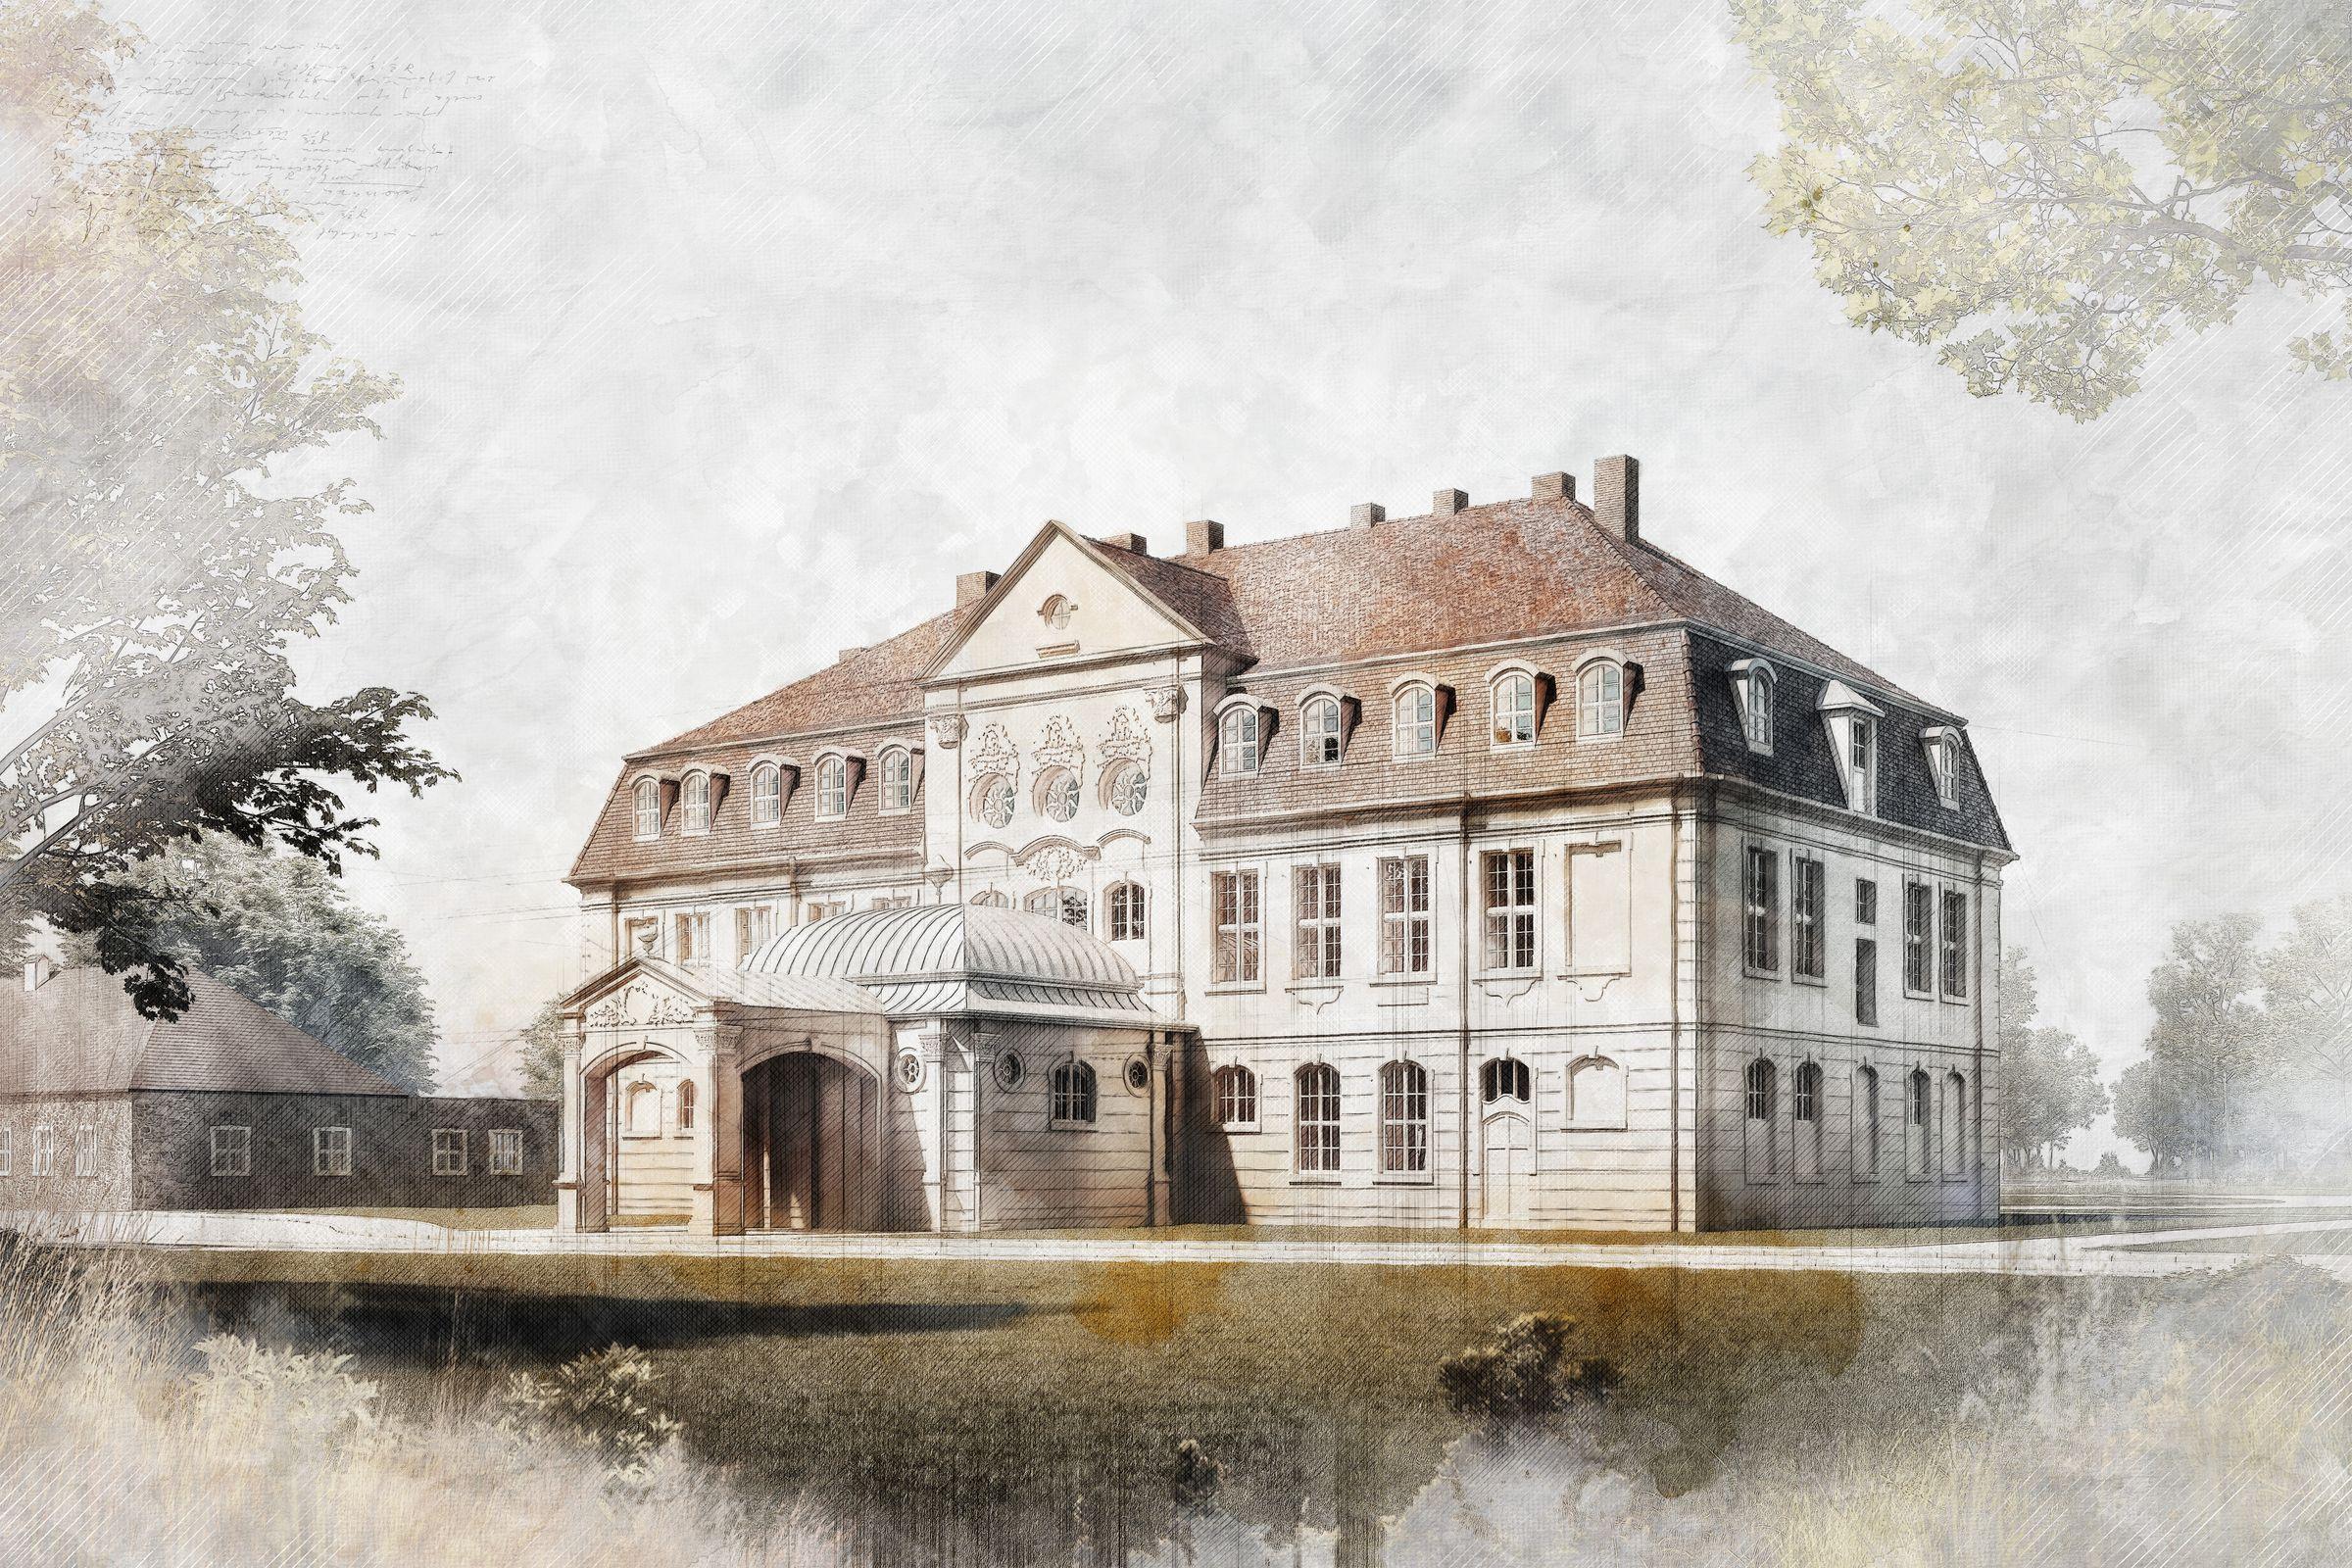 WKKonsult_Schloss_Königsborn_cam003_181120_05_sketch